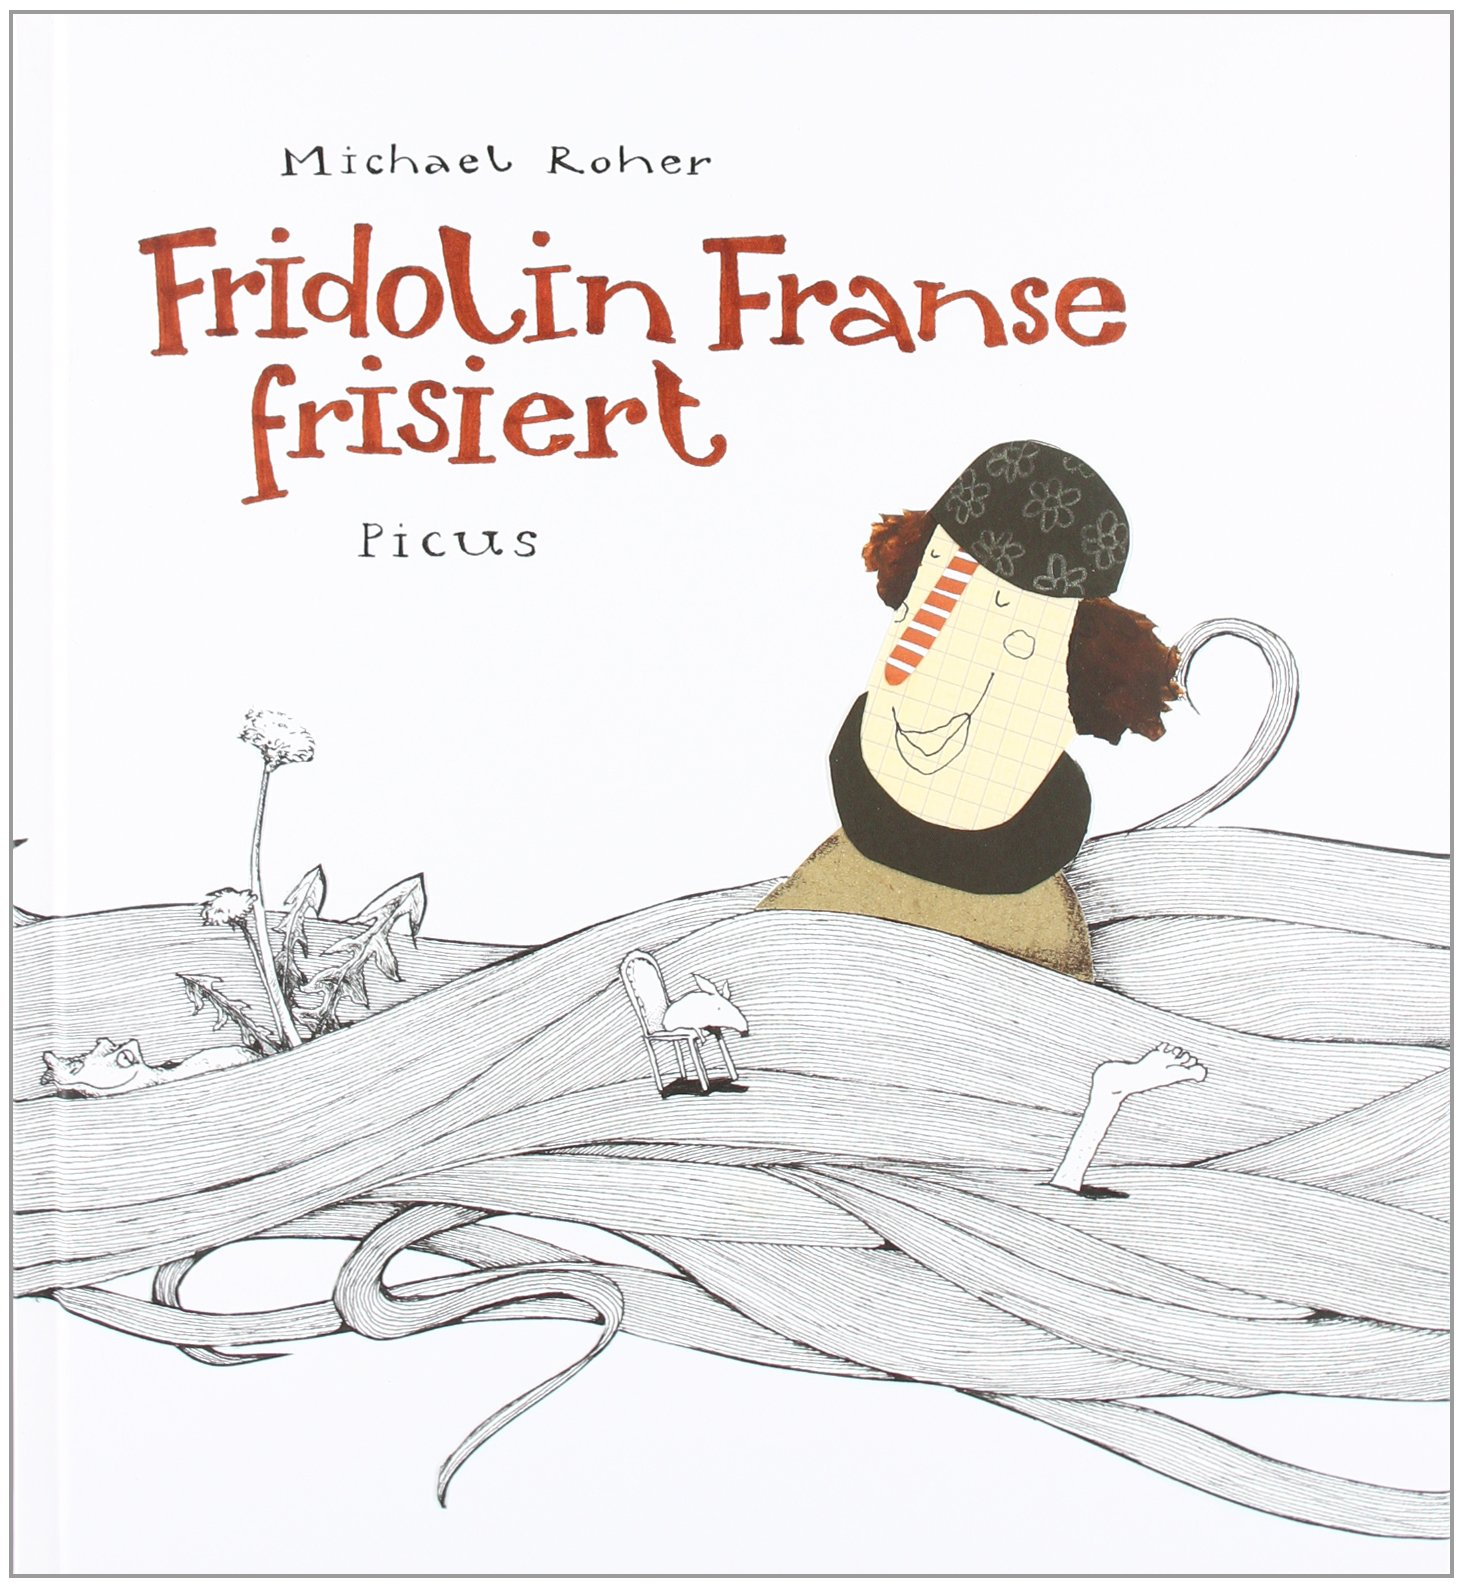 Fridolin Franse frisiert